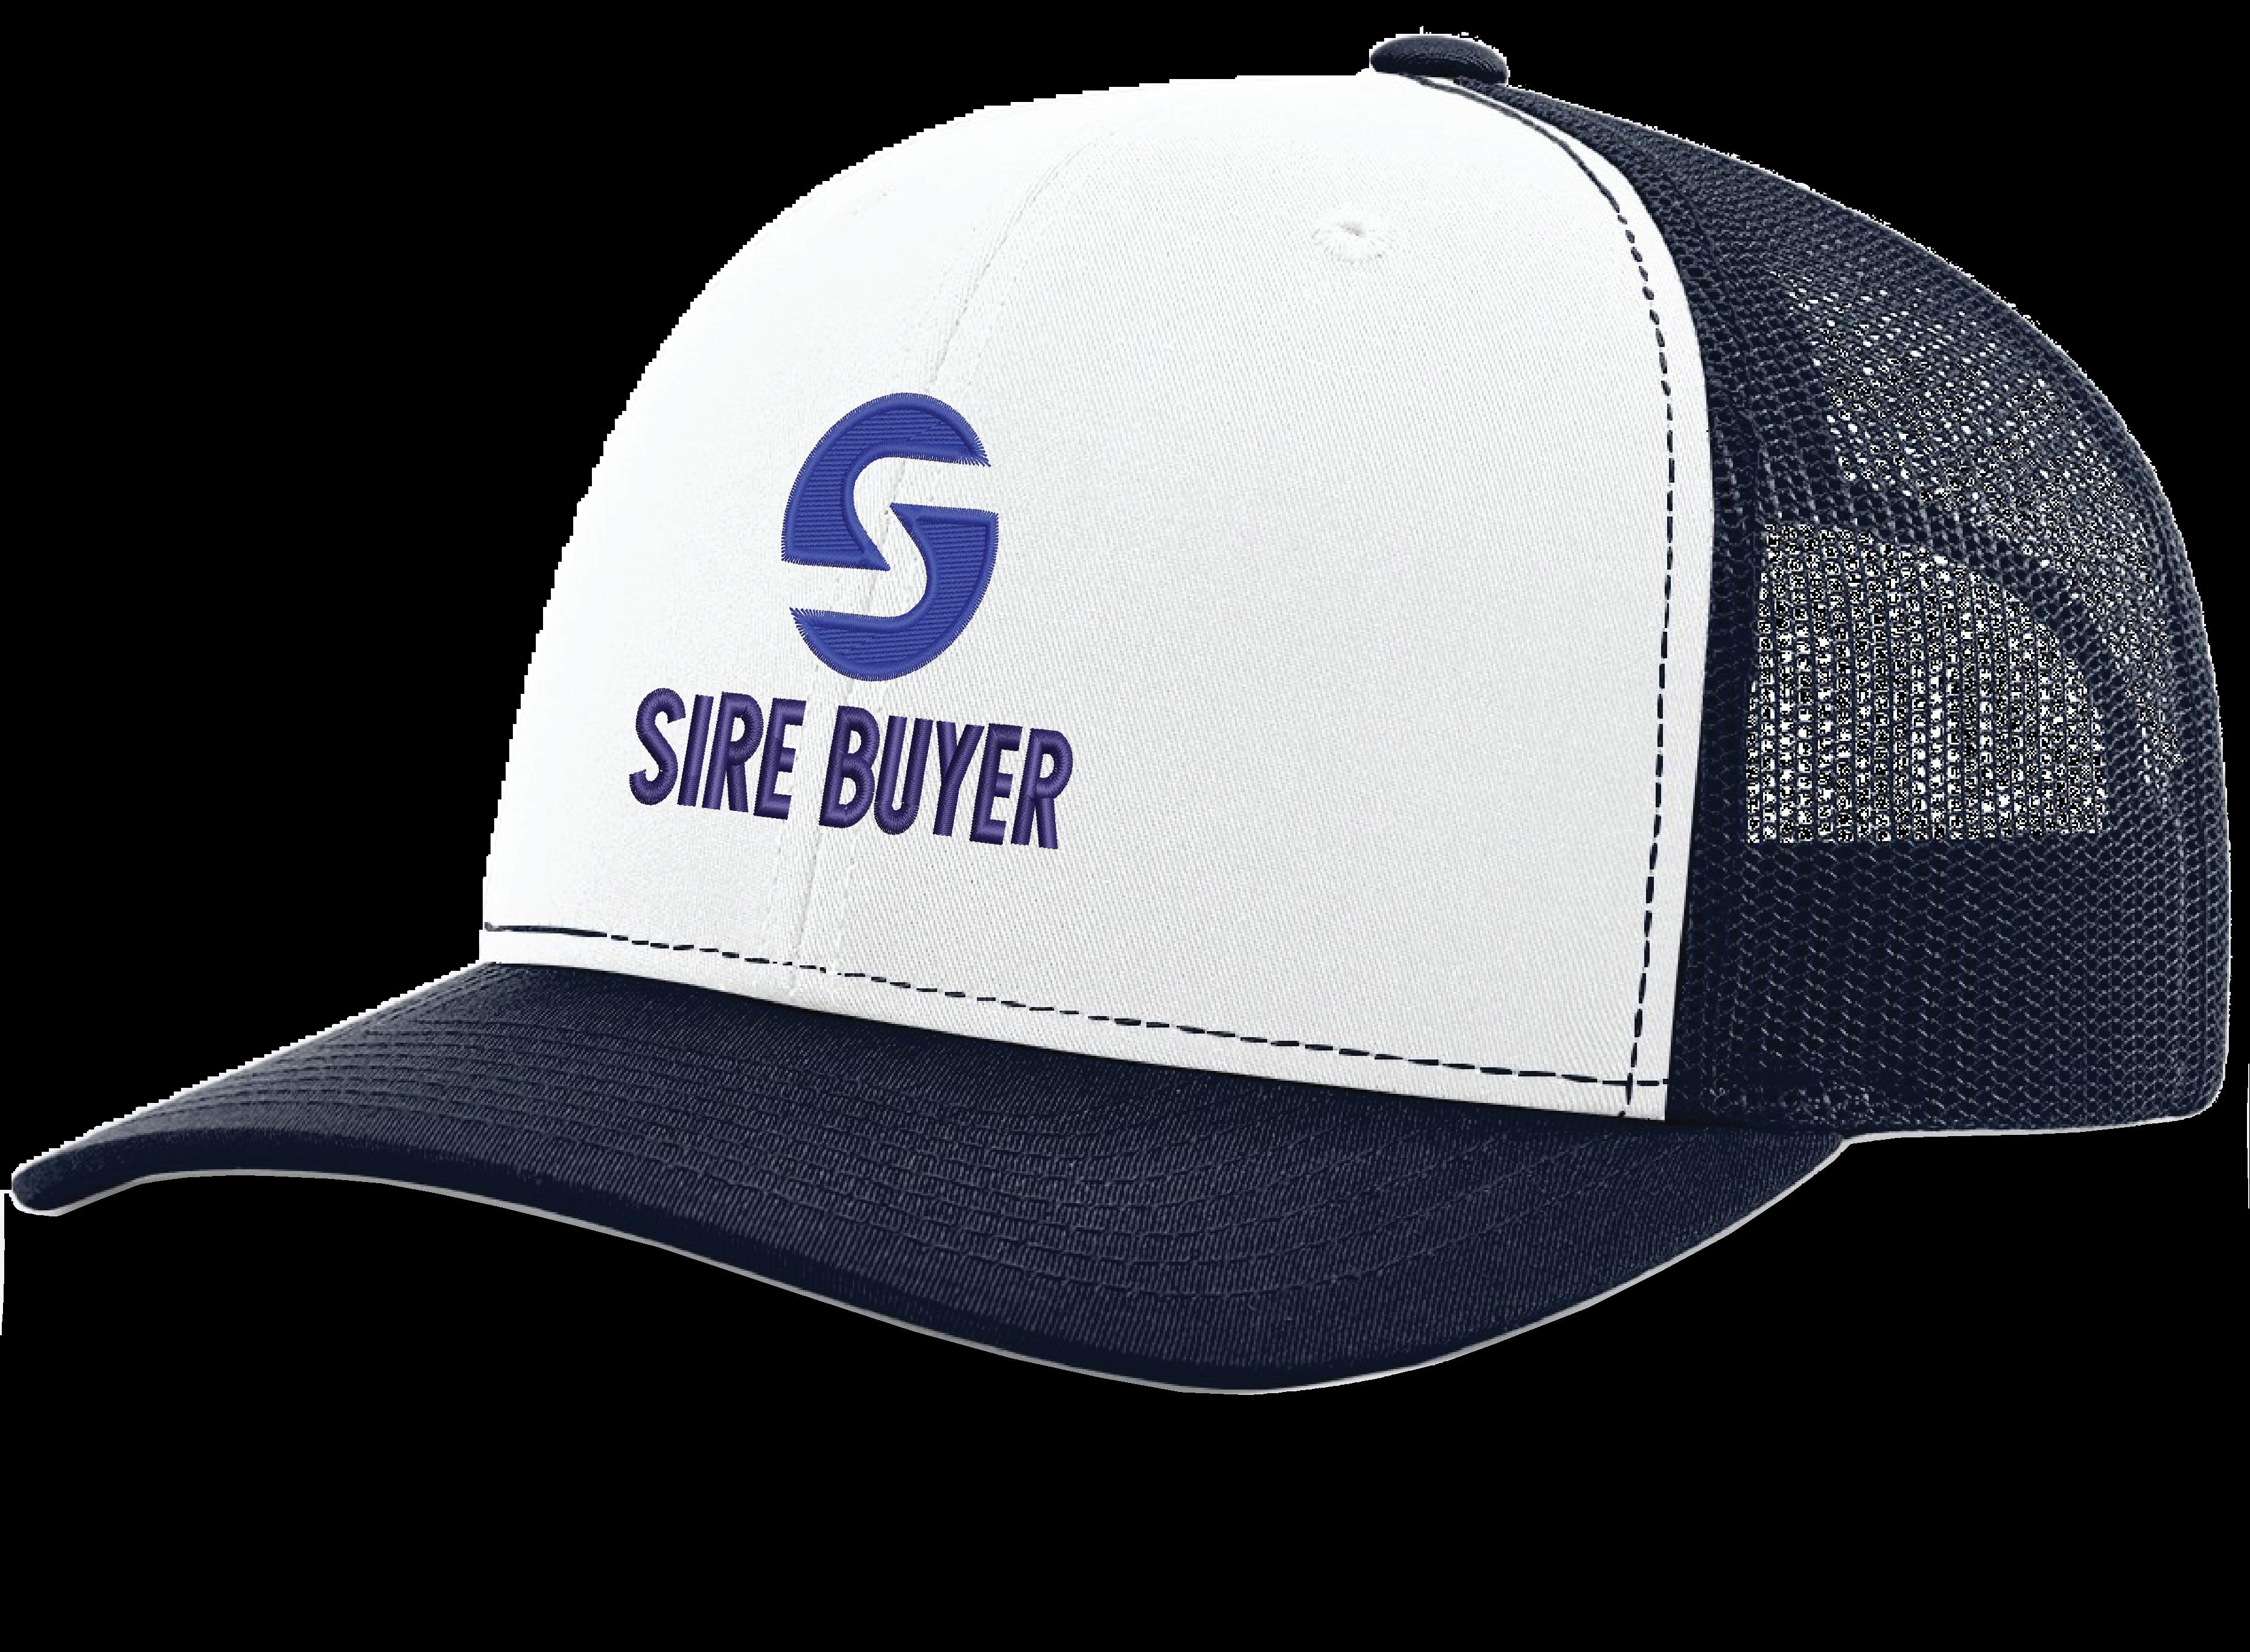 Sire Buyer Trucker Cap